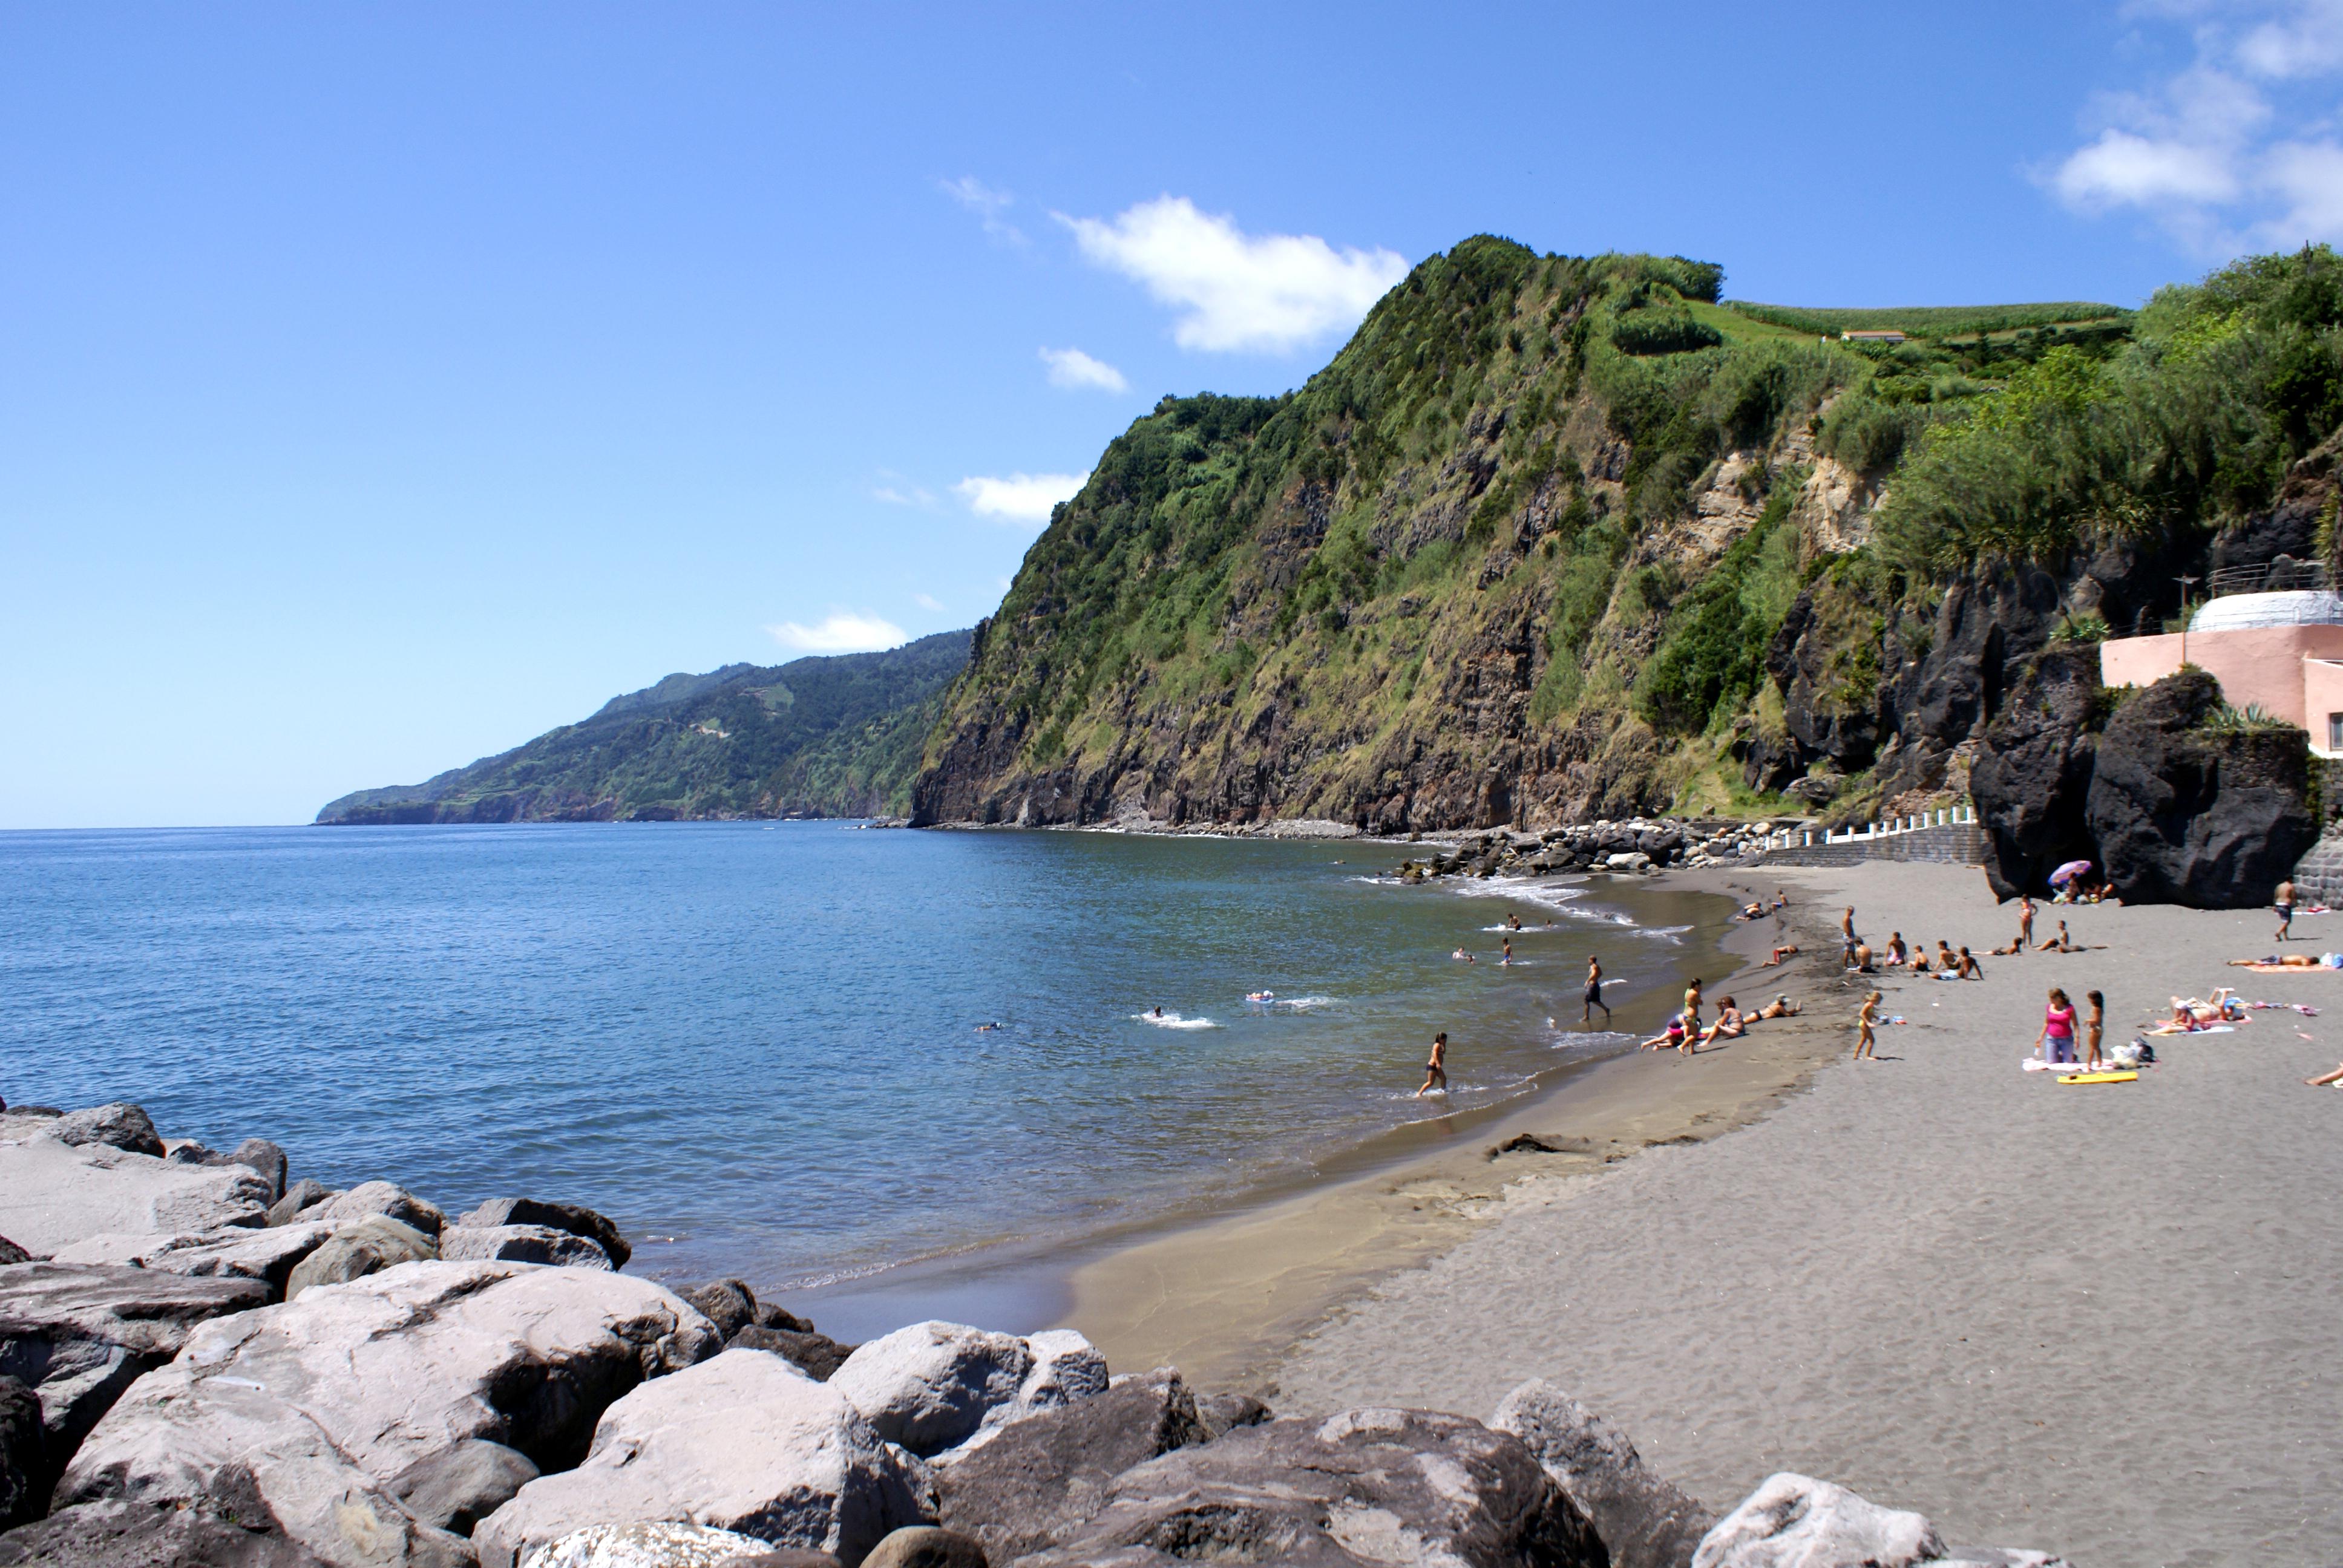 Paixão pelos Açores - Página 9 Praia_da_Povoa%C3%A7%C3%A3o,_Povoa%C3%A7%C3%A3o,_ilha_de_S%C3%A3o_Miguel,_A%C3%A7ores